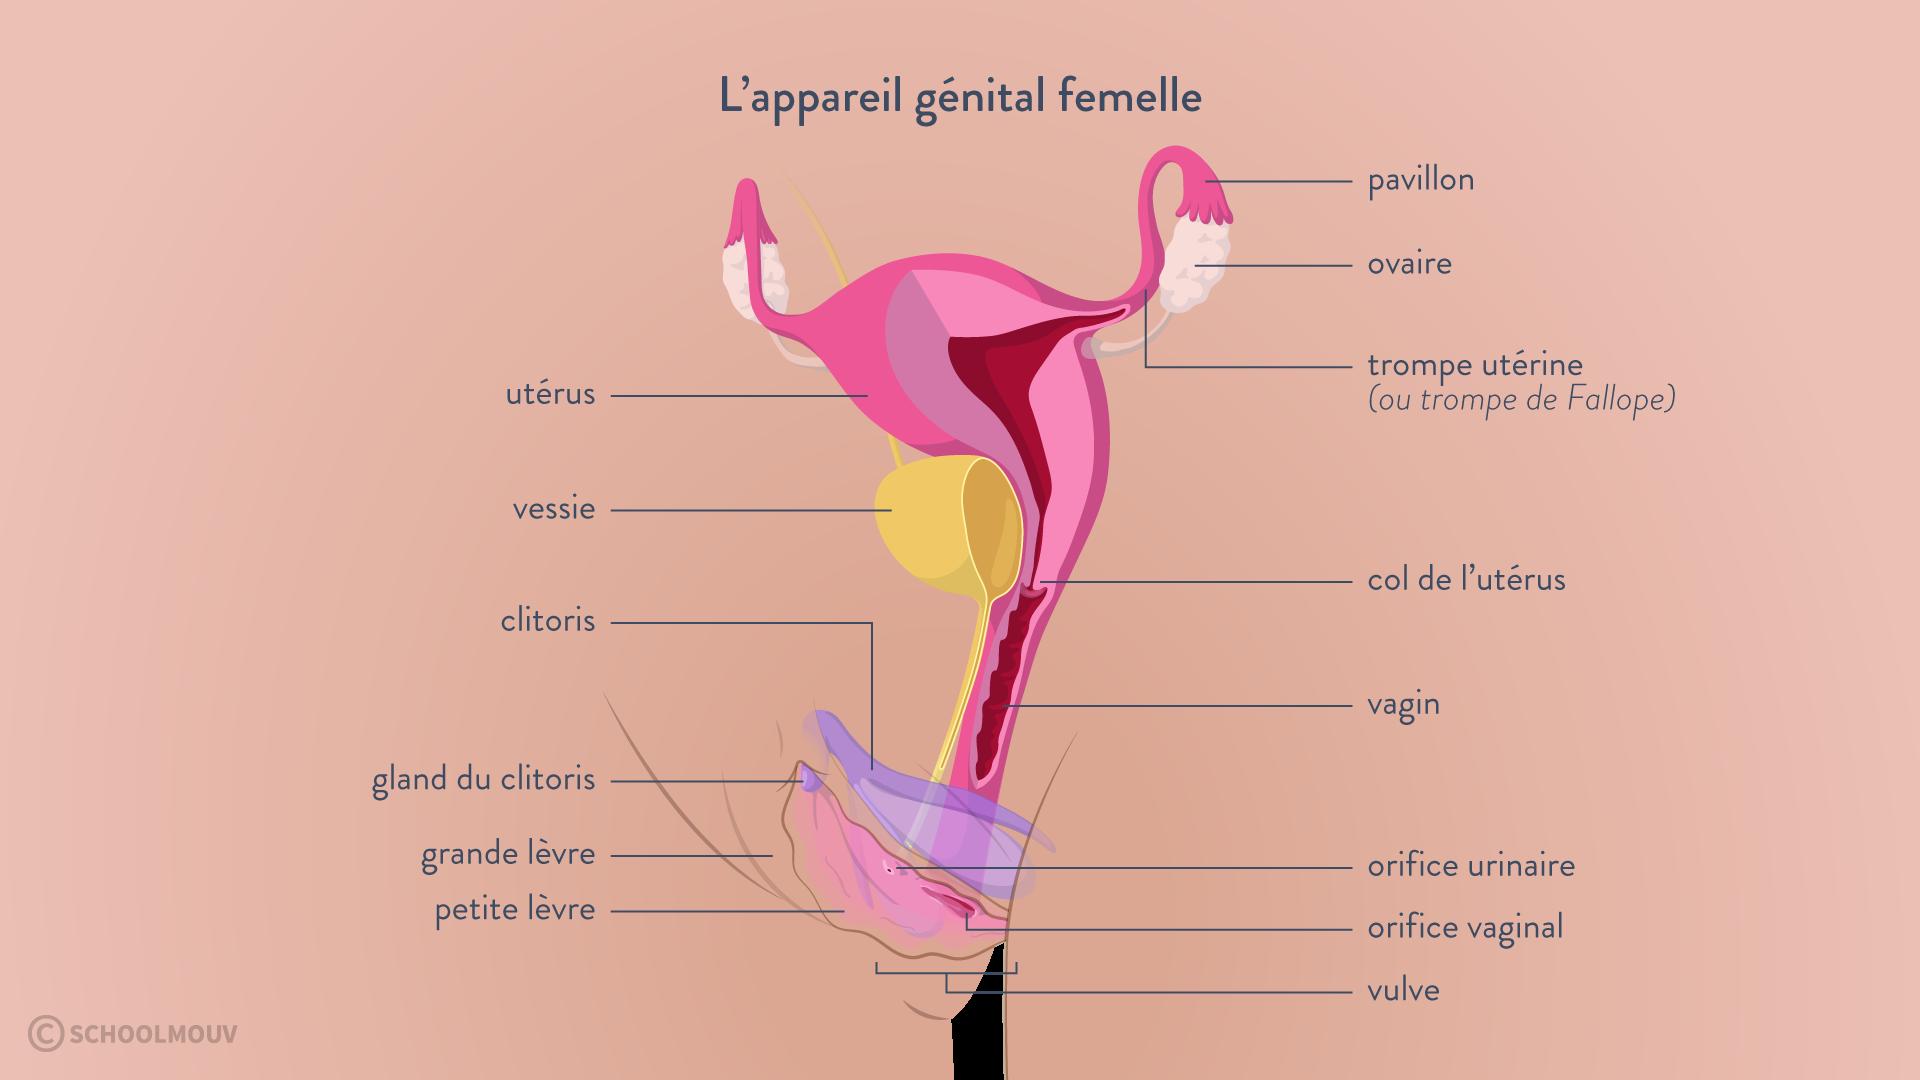 appareil génital femelle féminin